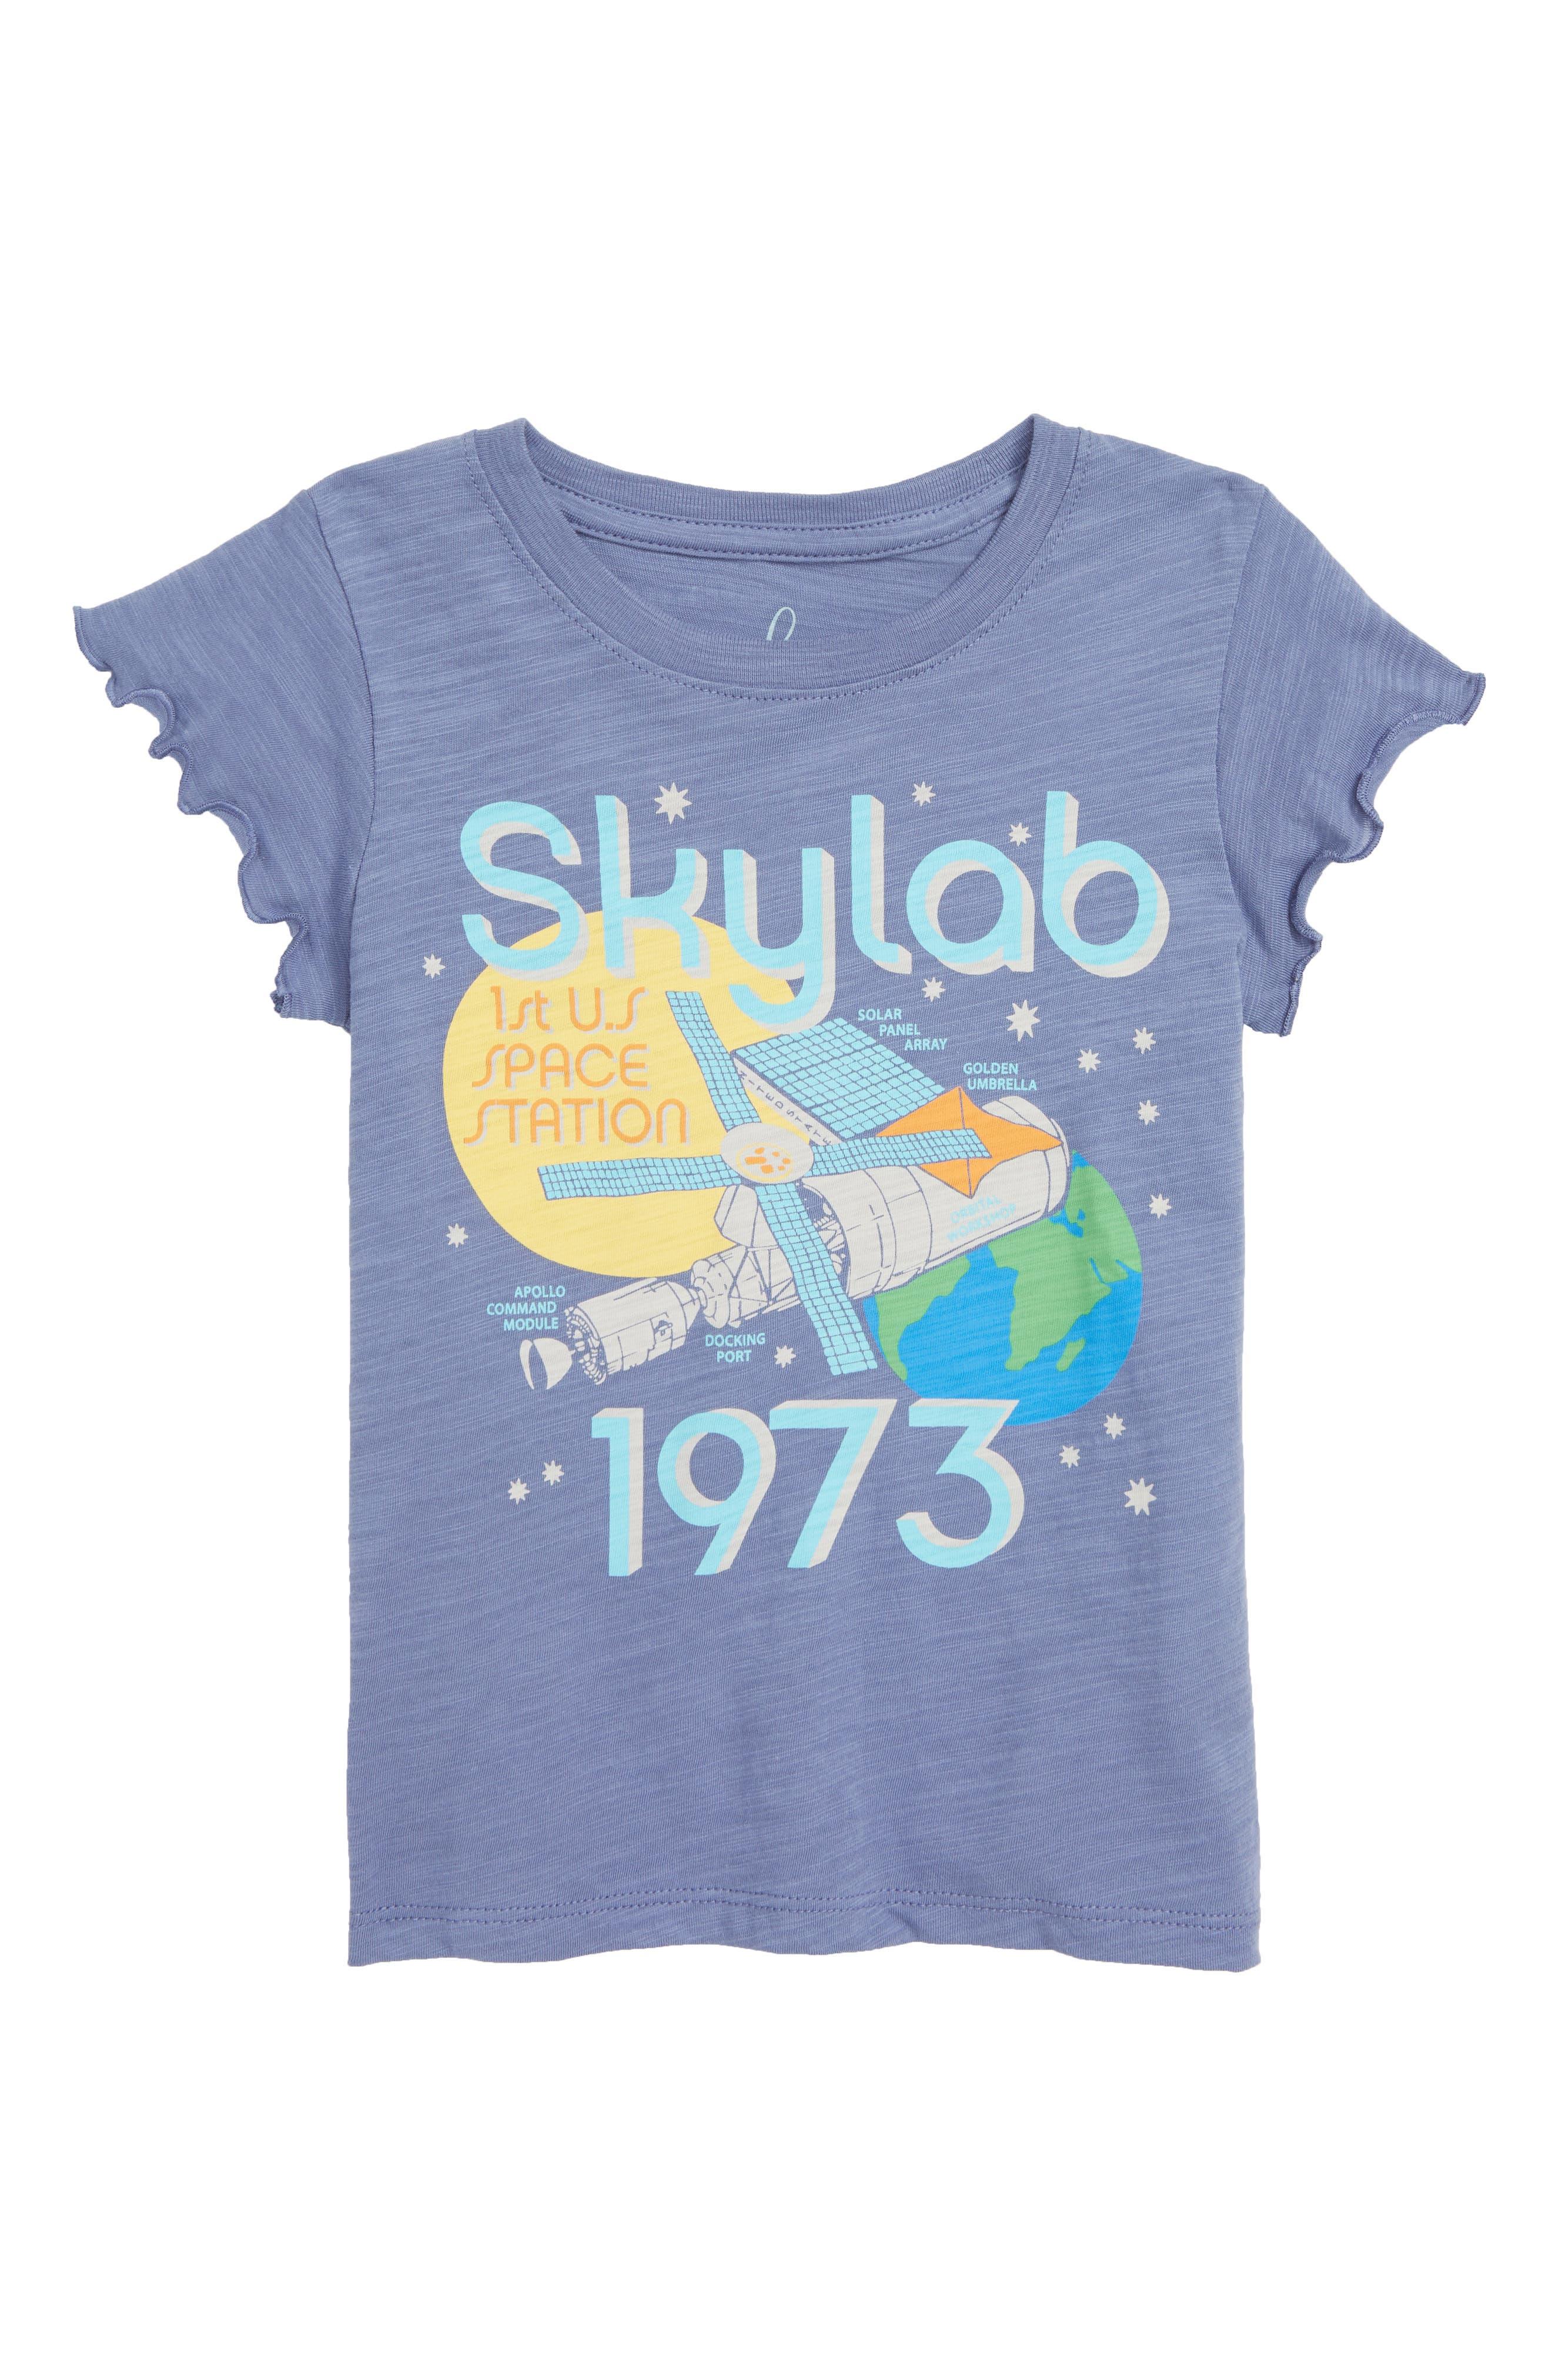 Peek Skylab Tee,                             Main thumbnail 1, color,                             410